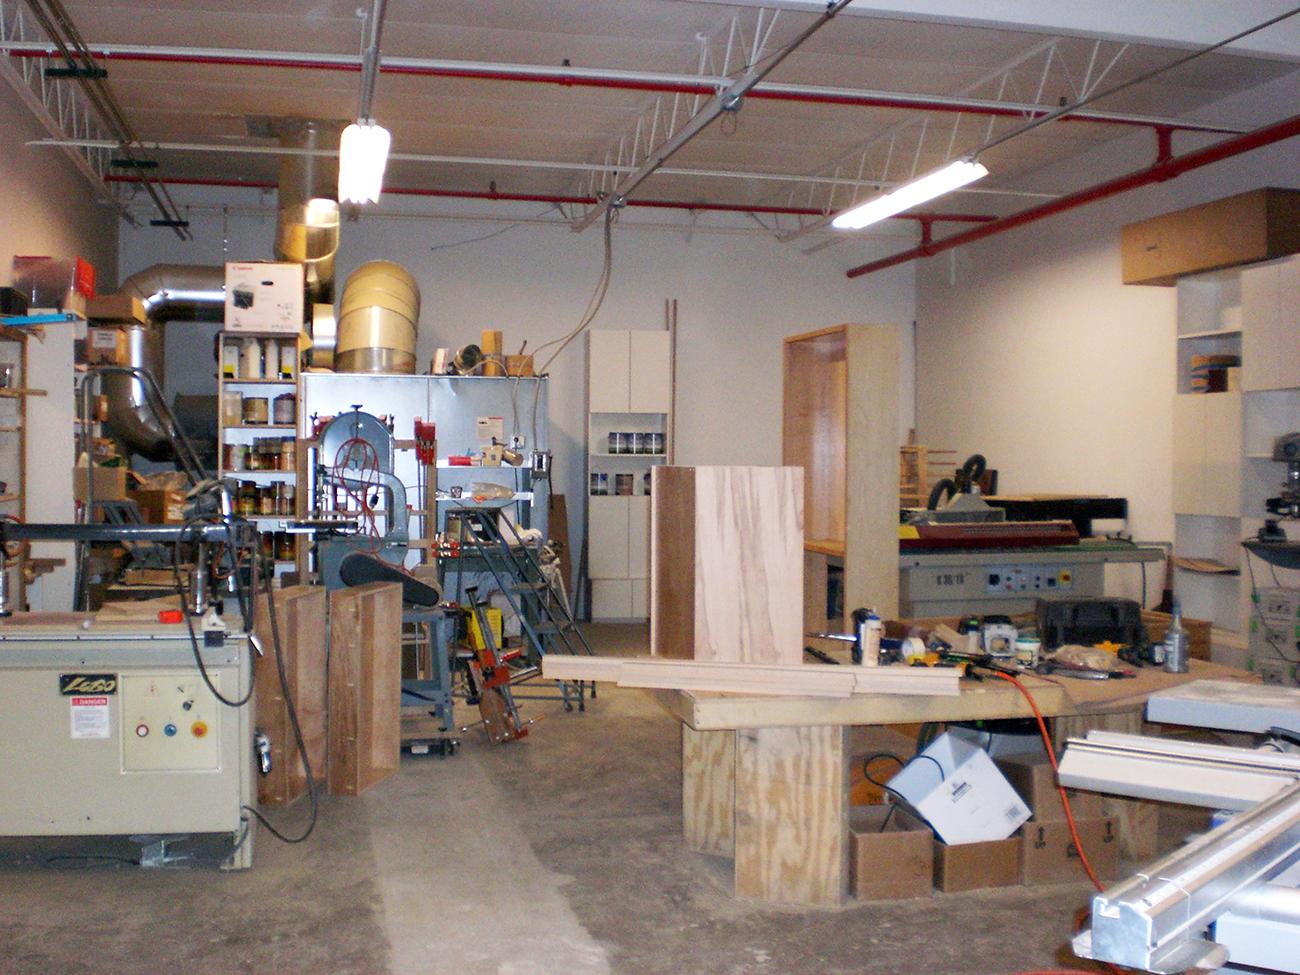 Suite 1b interior workshop 7510 St. Louis, Skokie IL